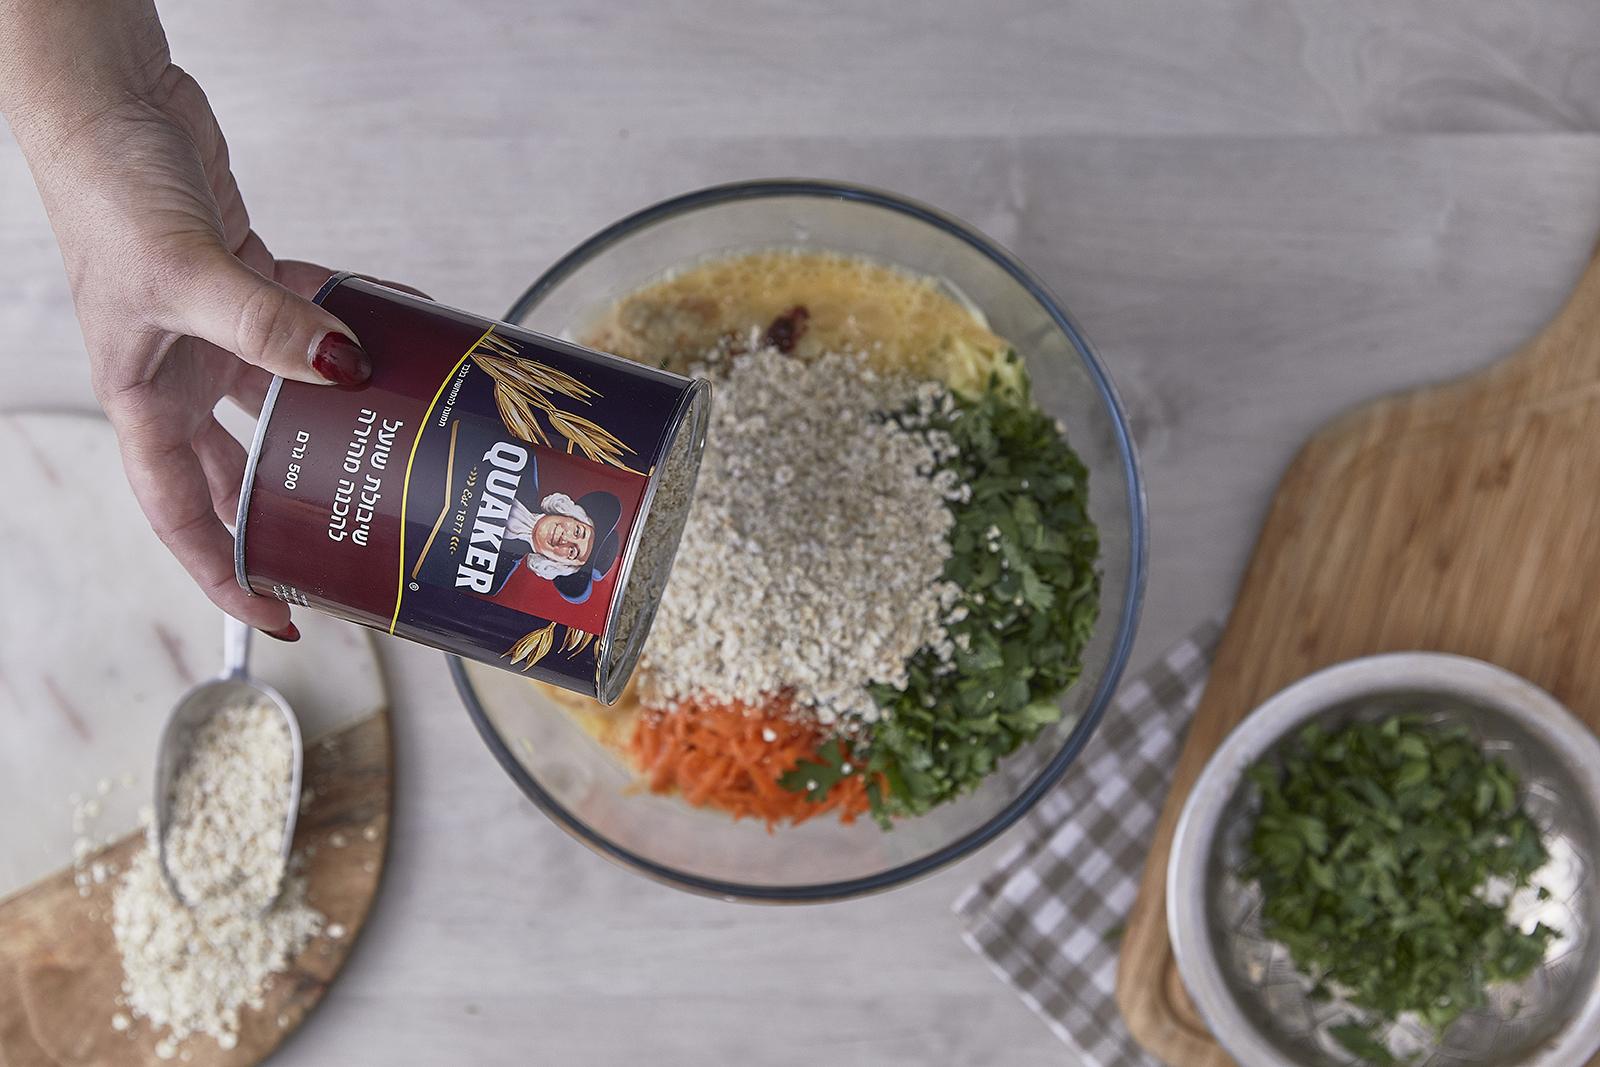 שלב שלישי - עיג'ה – קציצות ירק עם קוואקר